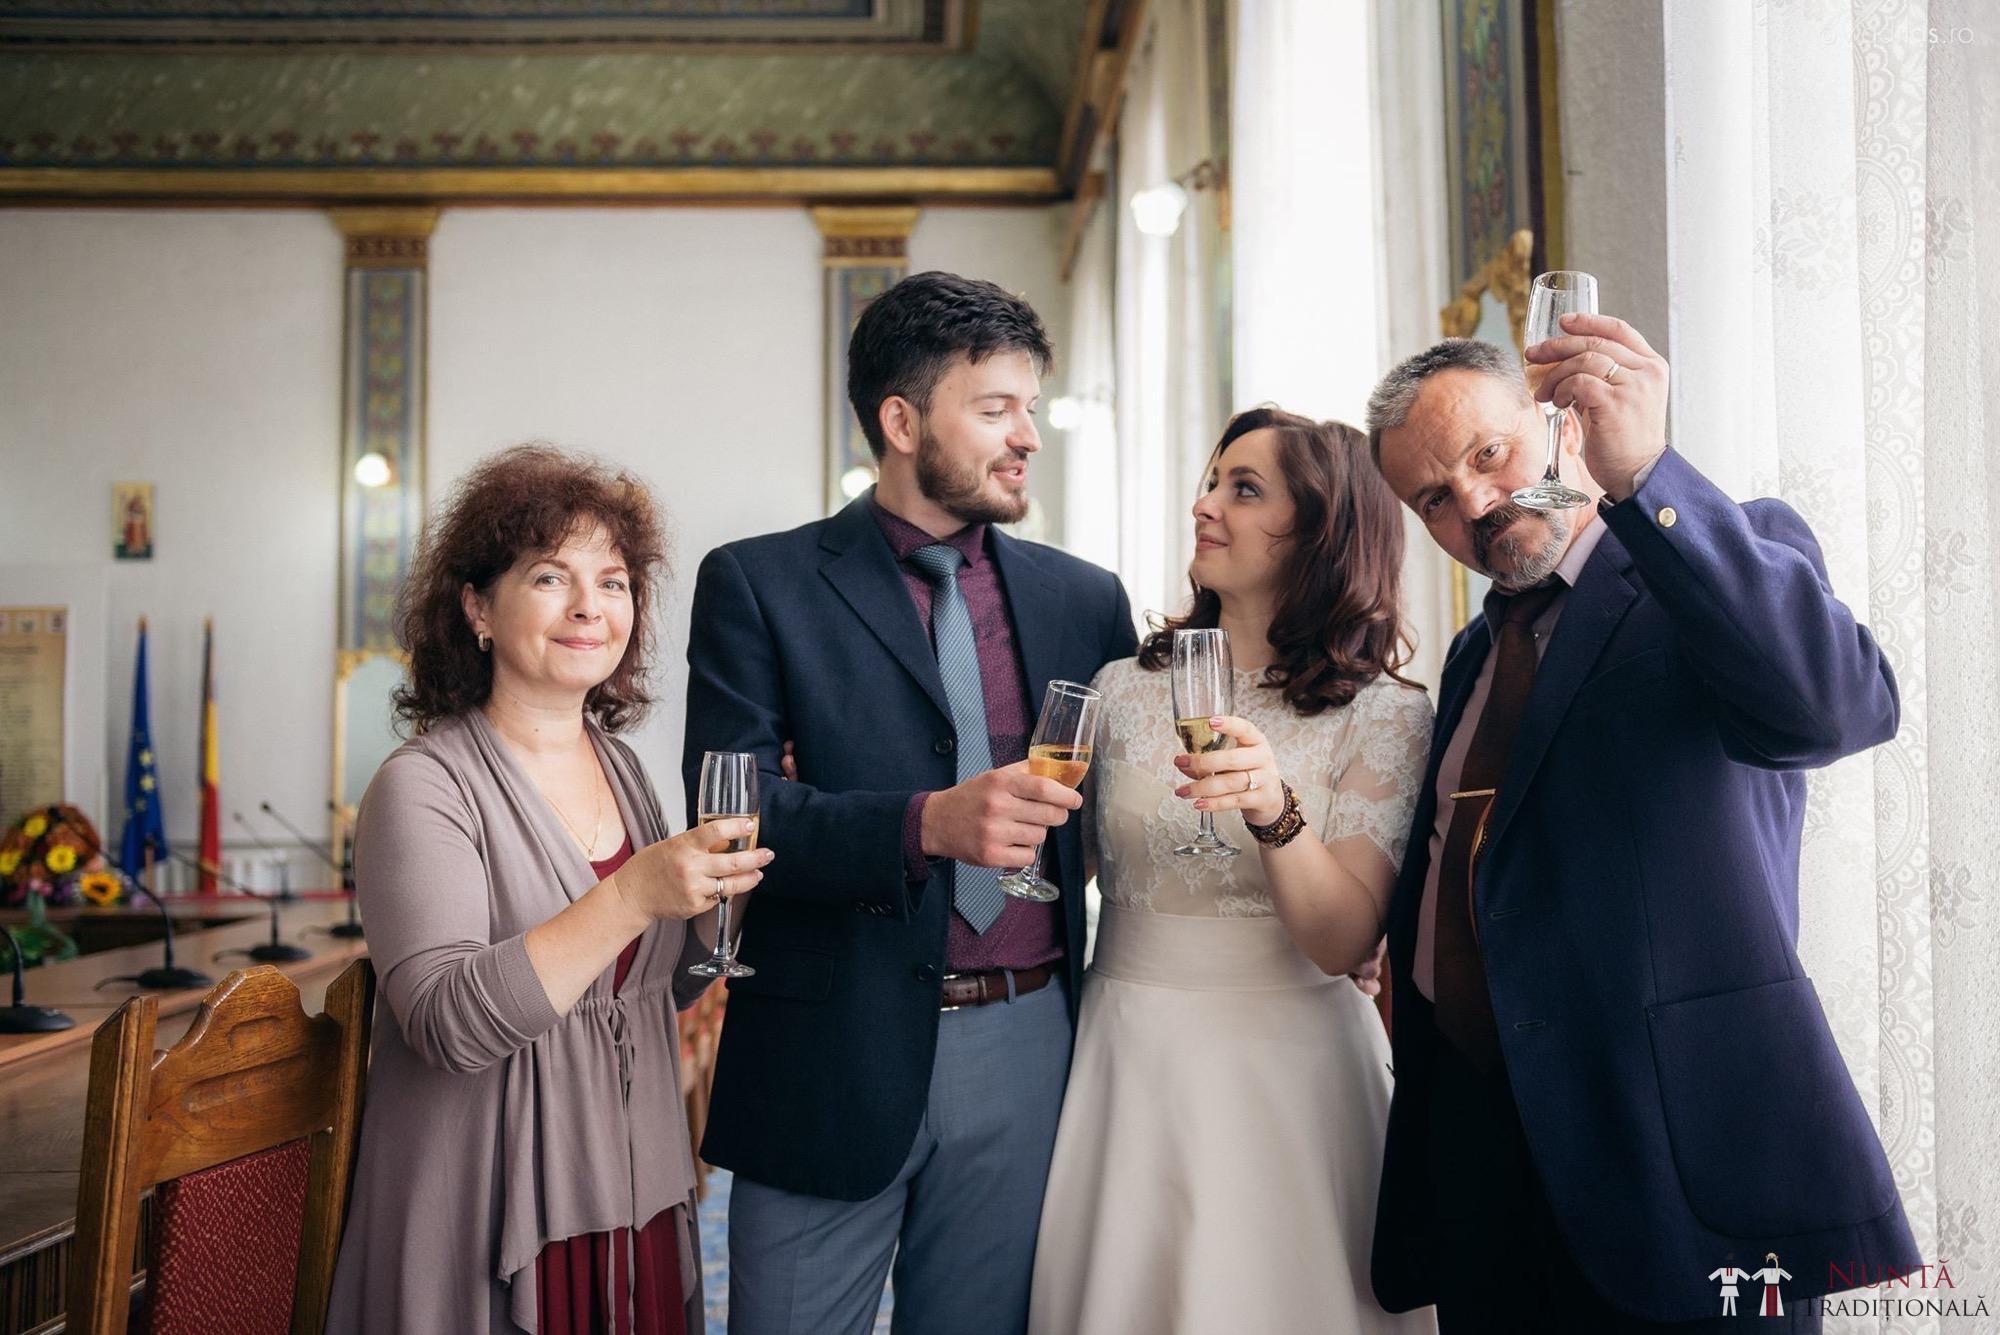 Povești Nunți Tradiționale - Oana și Sergiu - Nuntă tradițională-n Pojorâta, Bucovina 41